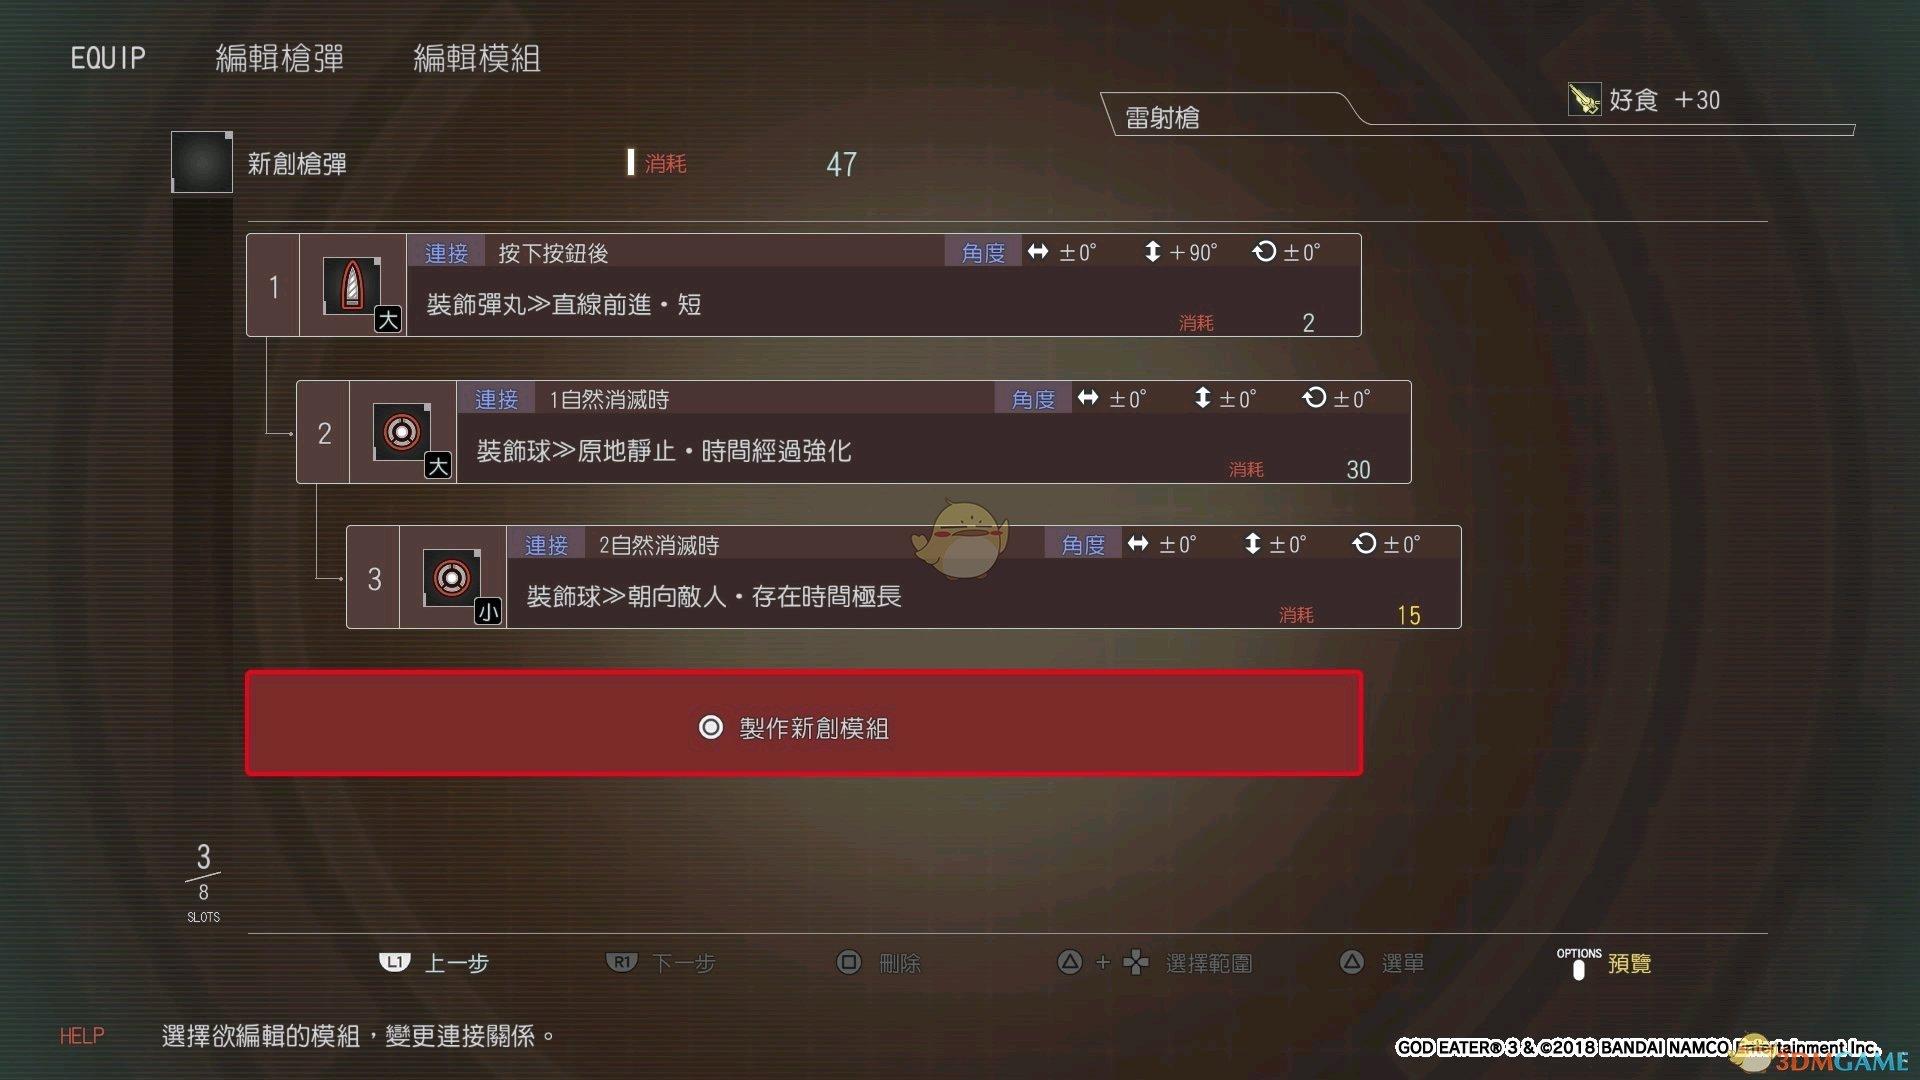 《噬神者3》通用子弹制作详解